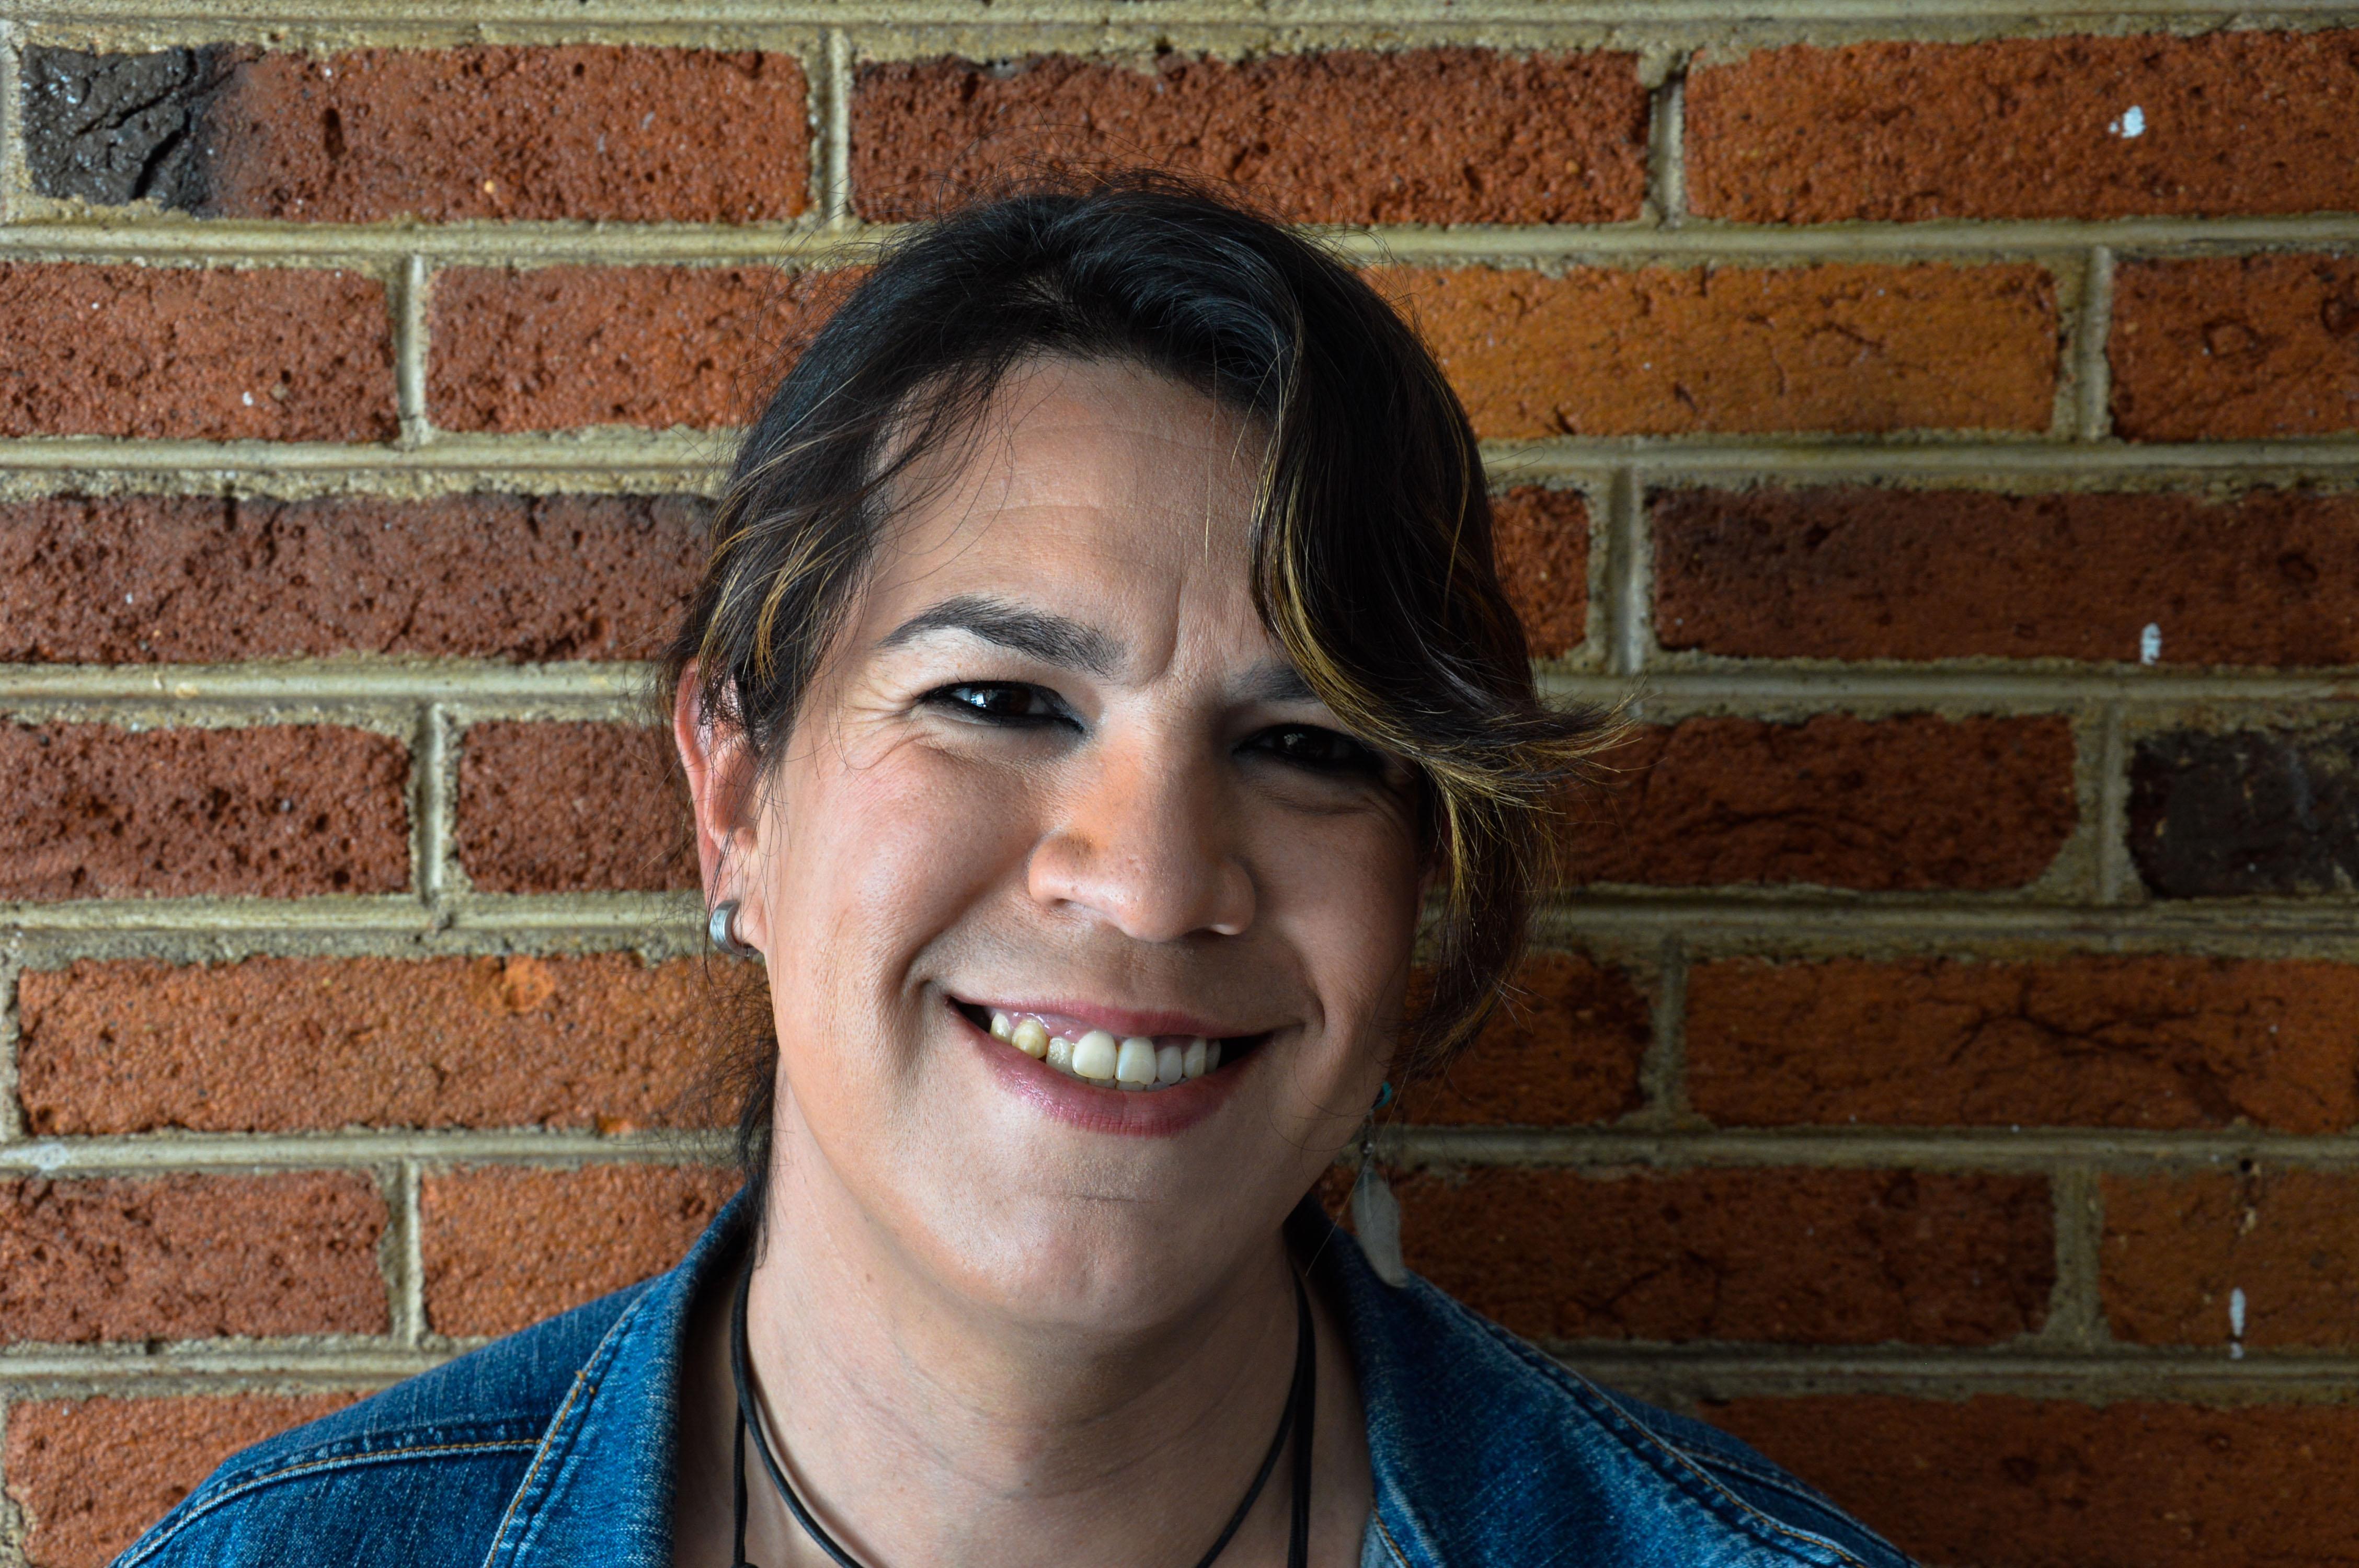 Alexa A. D'oleire